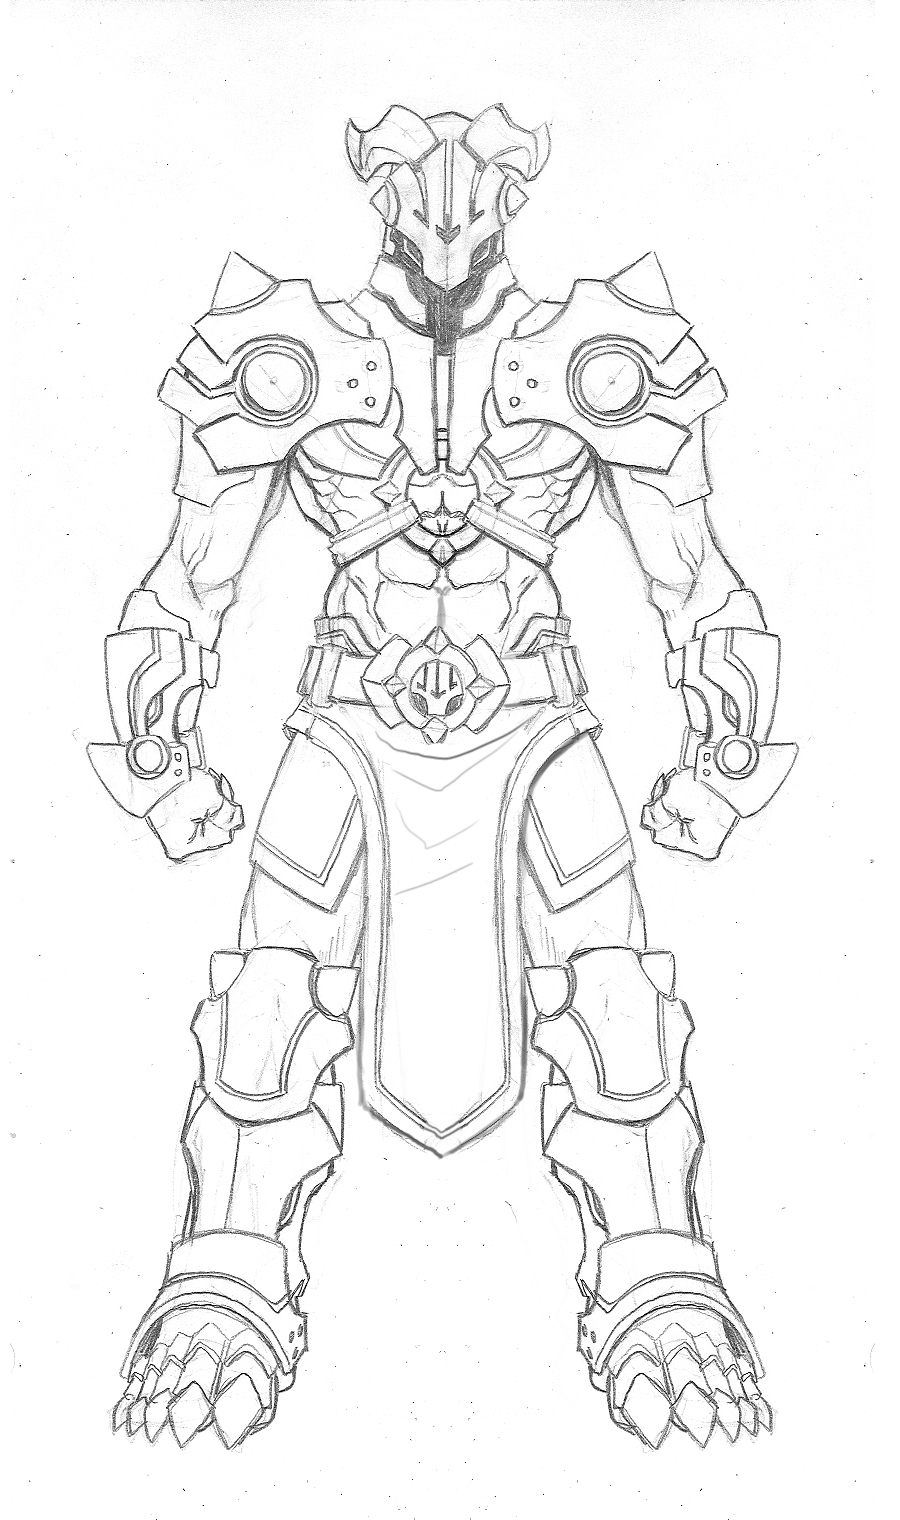 PartItion-Demon Knight by WesTalbott on DeviantArt